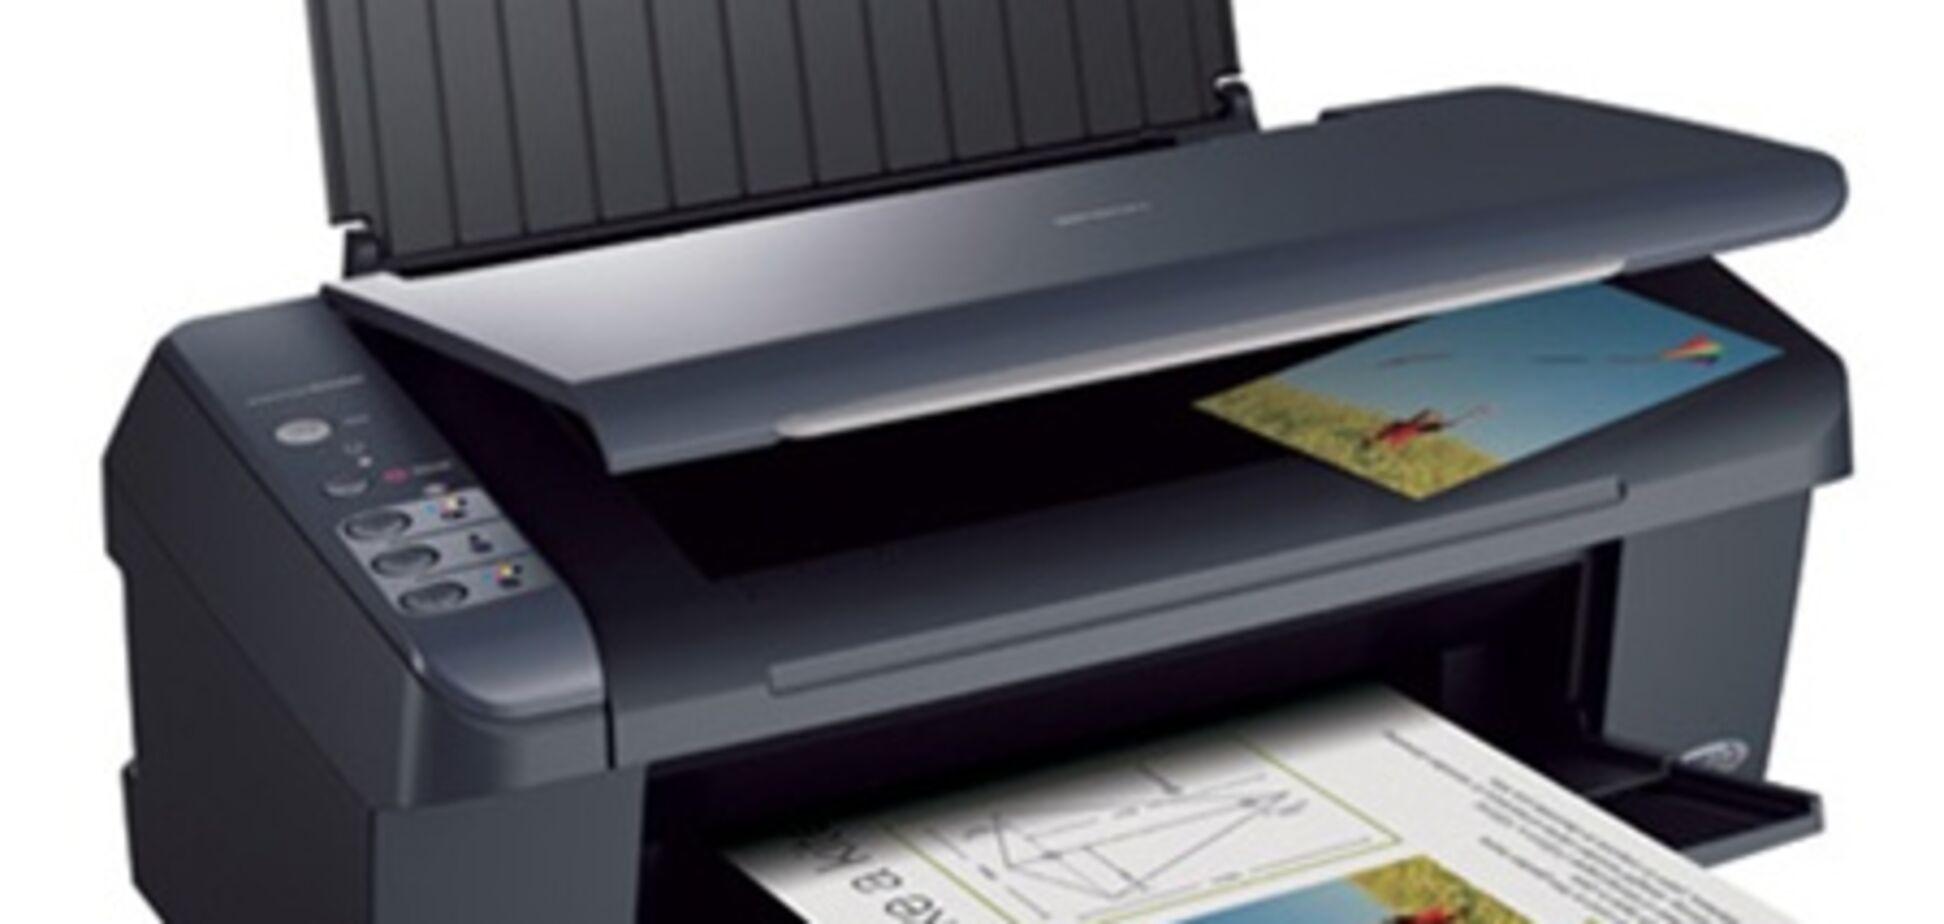 Вінницька студентка друкувала гривні на кольоровому принтері